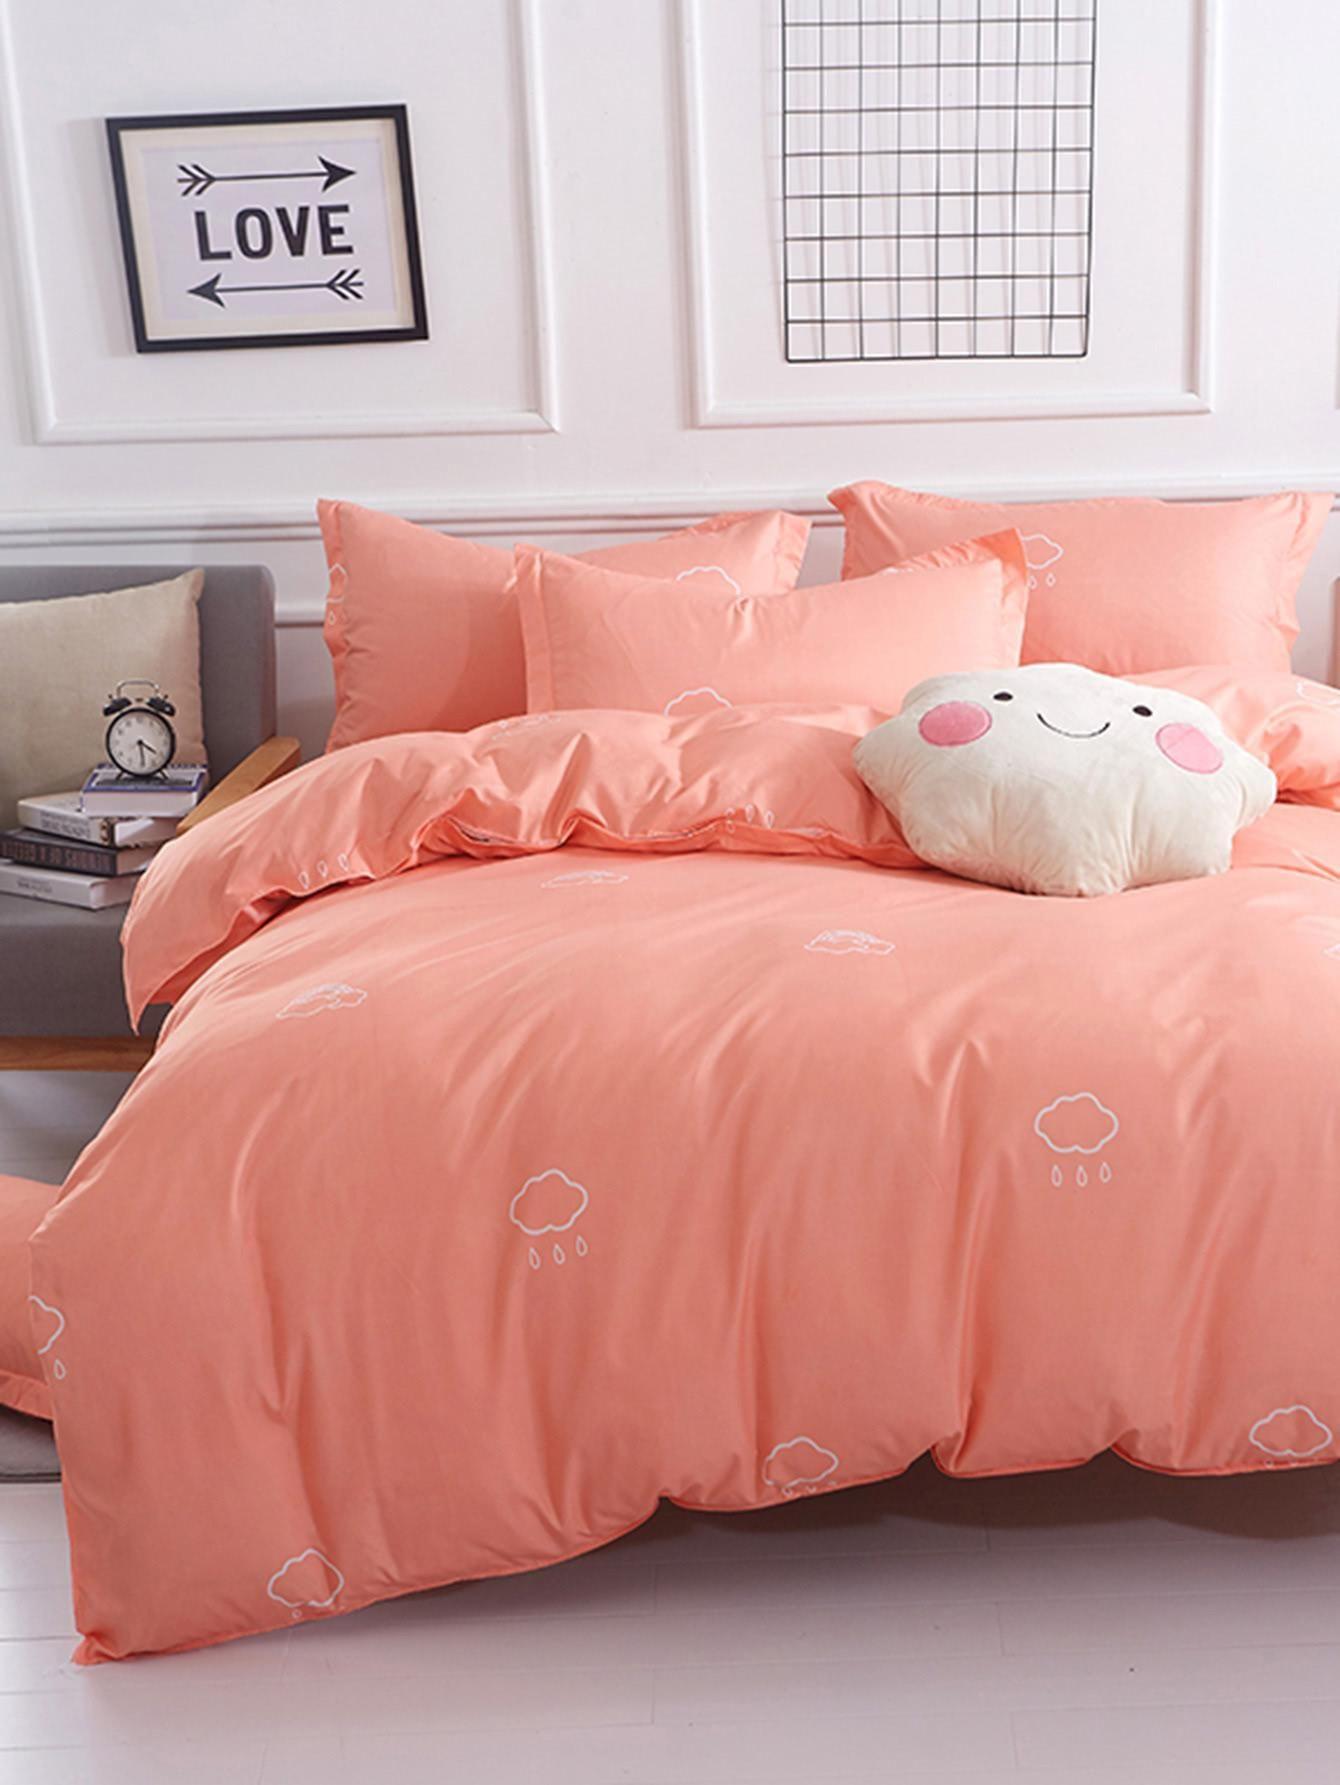 Valentines Adorewe Shein Shein 1 5m 4pcs Cloud Print Bedding